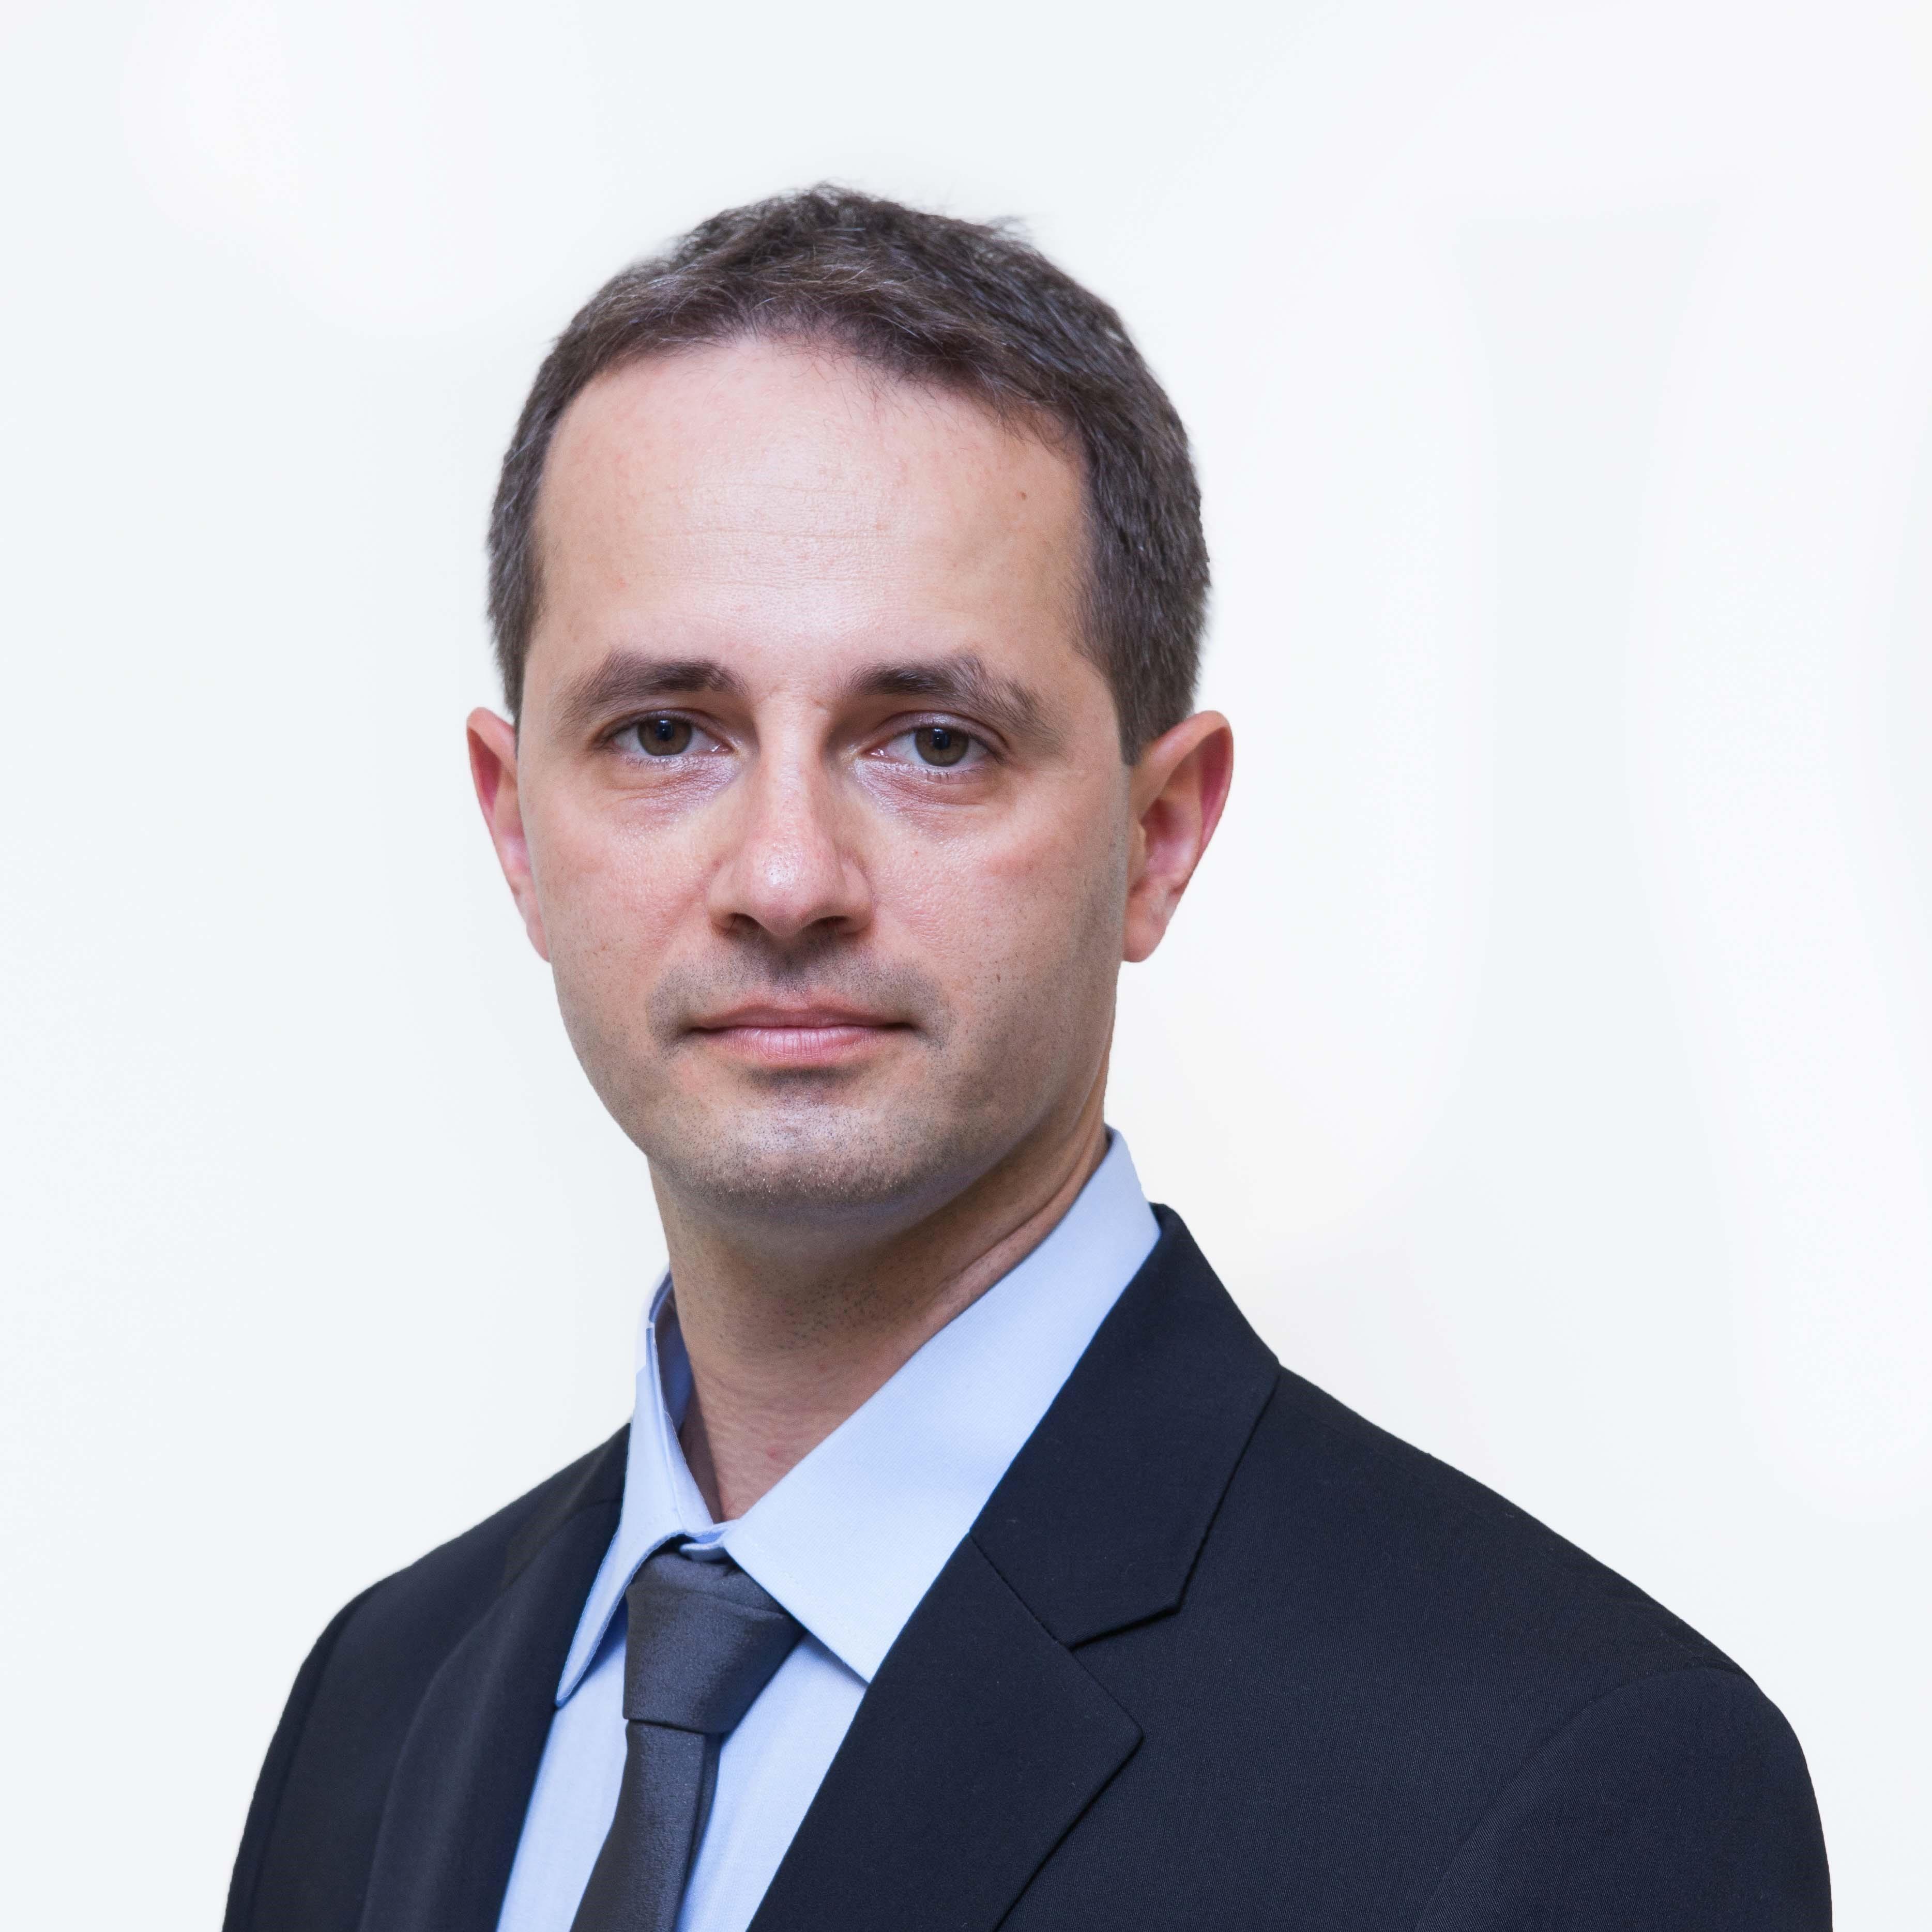 """ד""""ר סרג'יו-דוד סוצ'אה מומחה במחלות עיניים"""